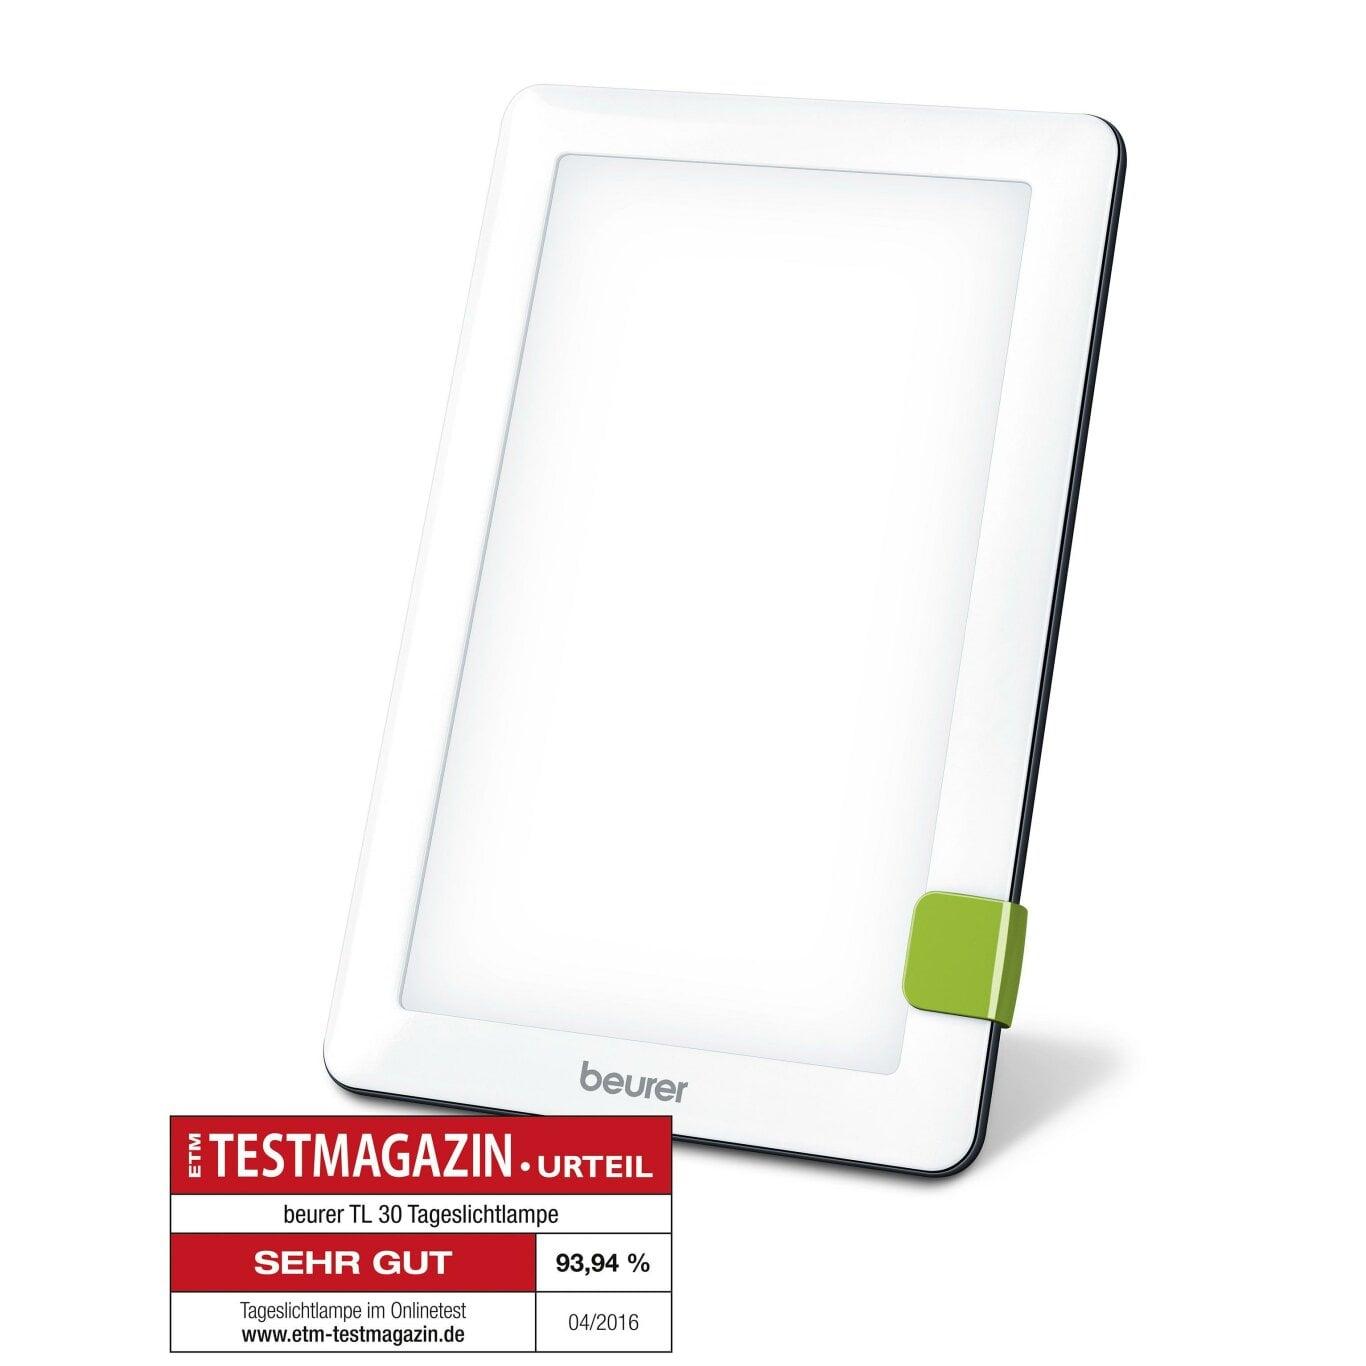 Beurer Tageslichtlampe - TL 30